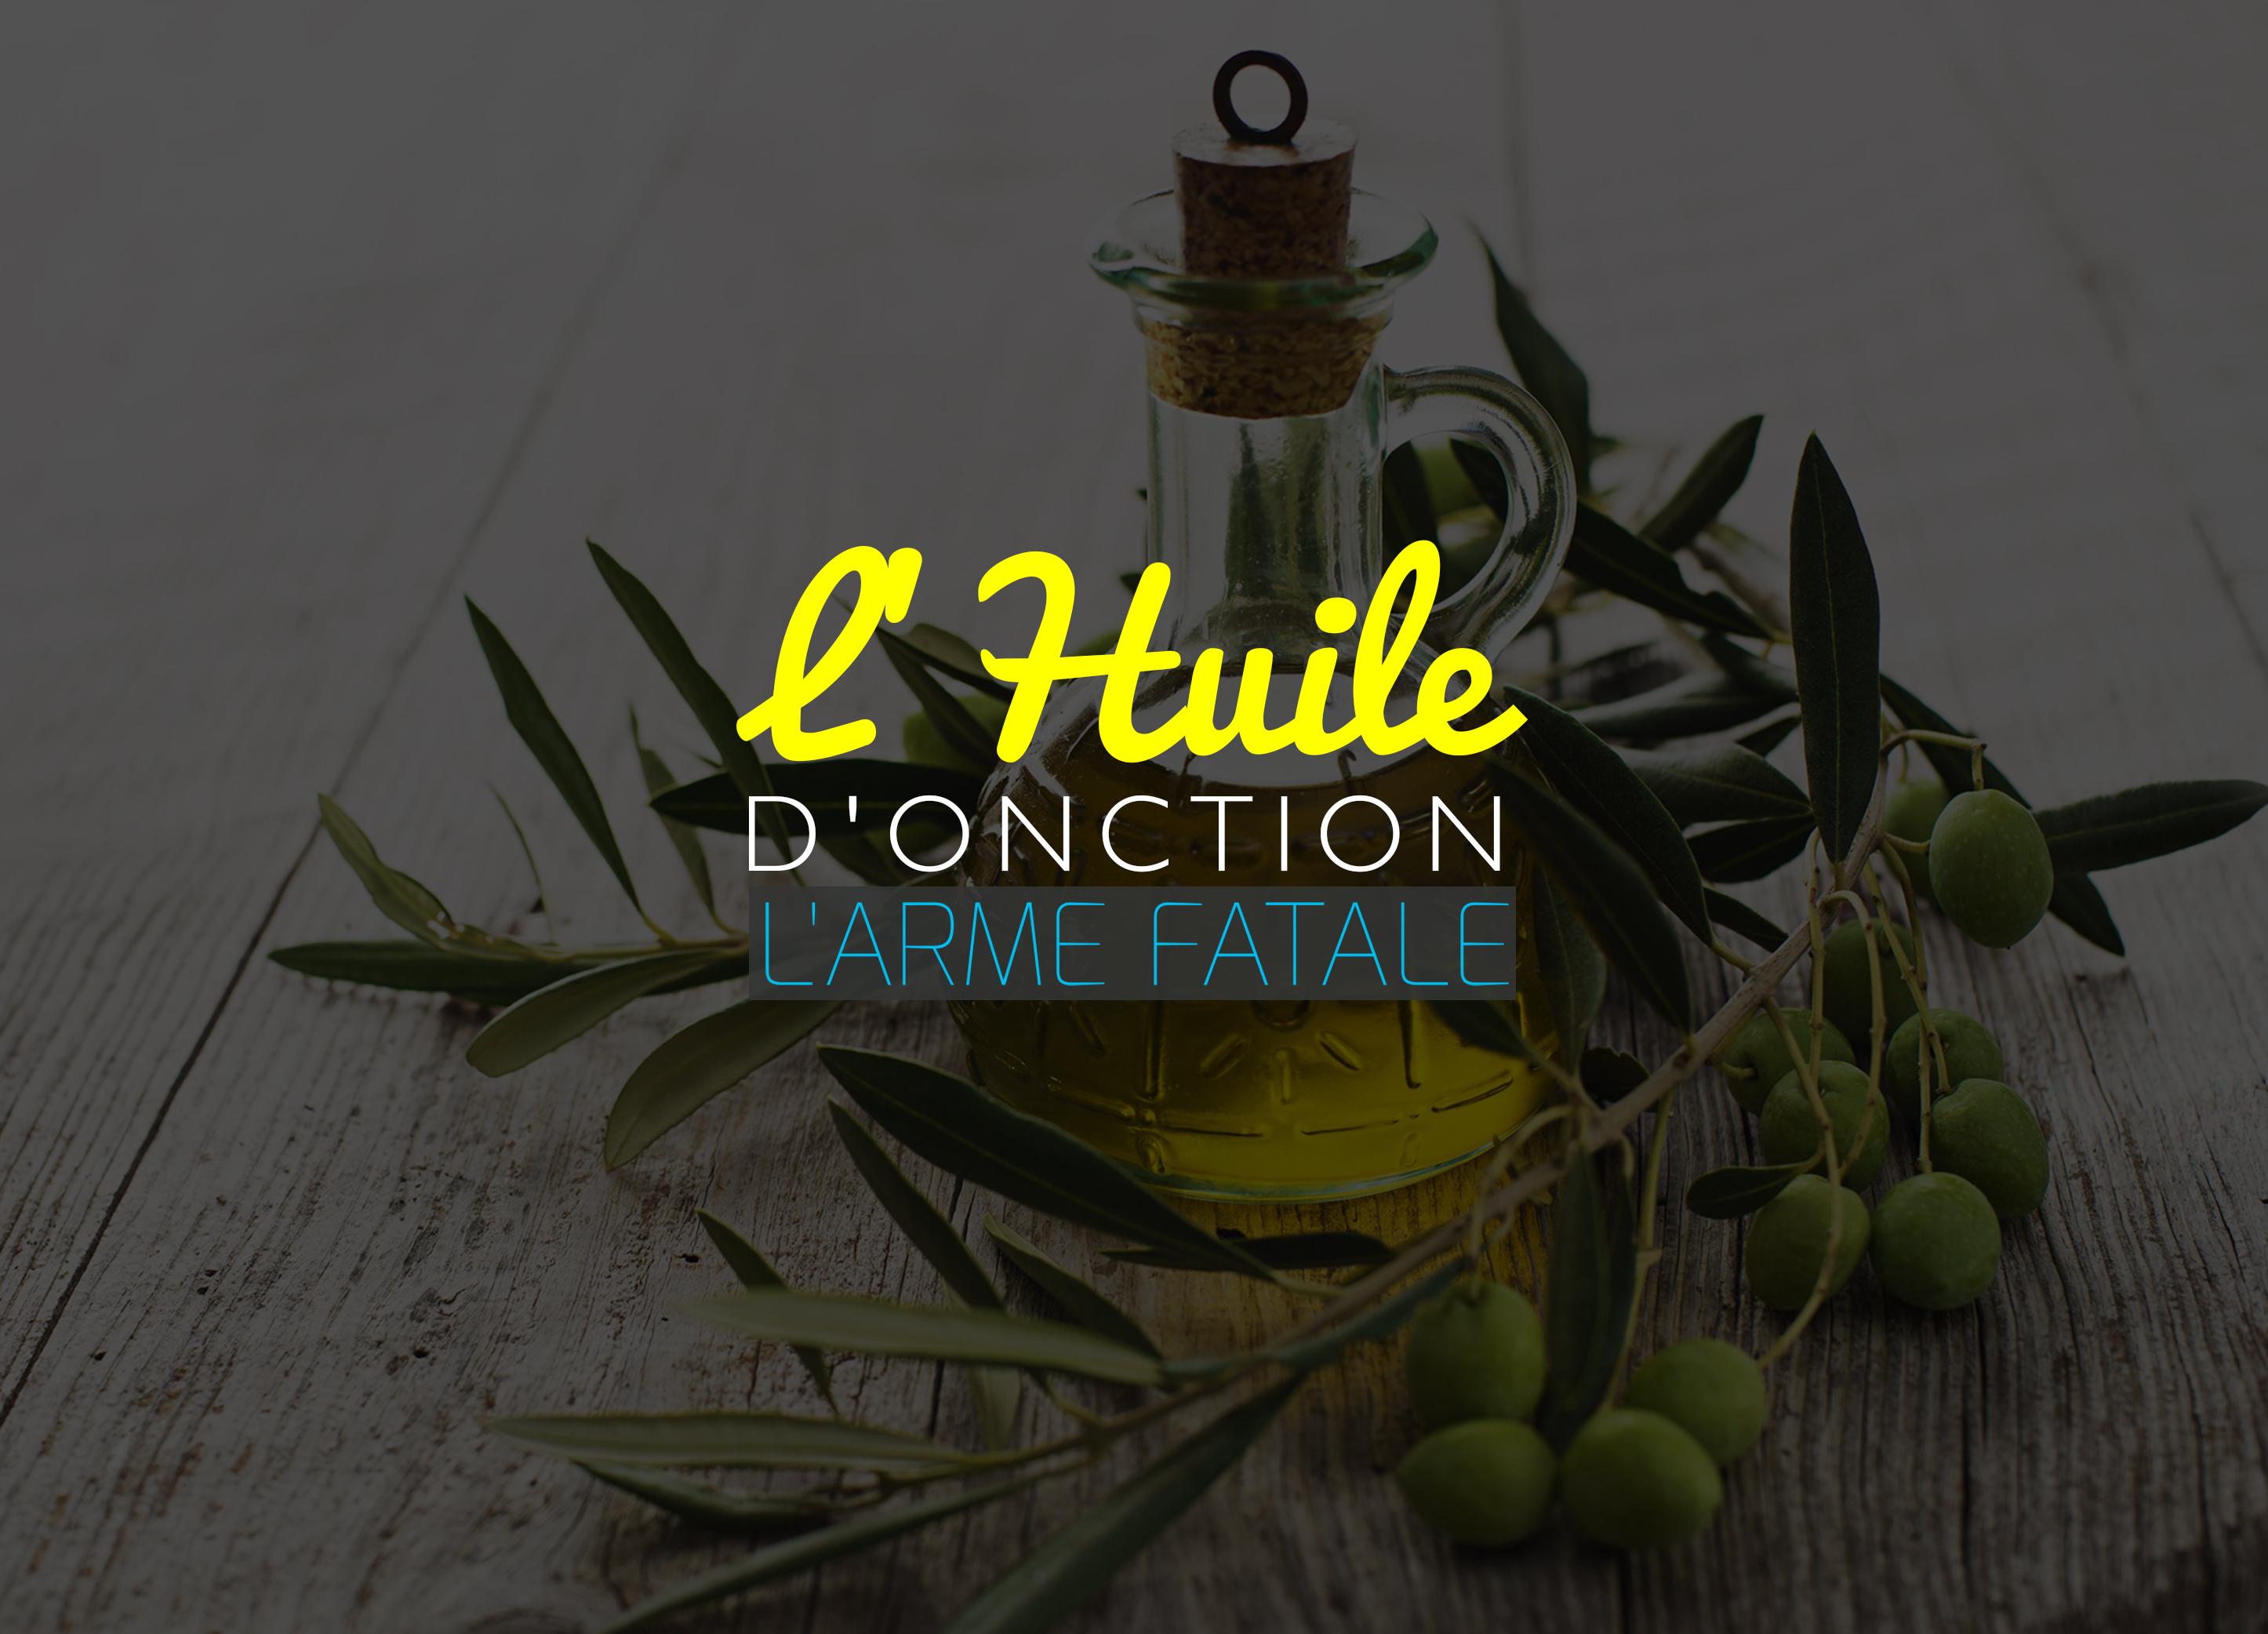 L'huile d'onction l'arme fatale